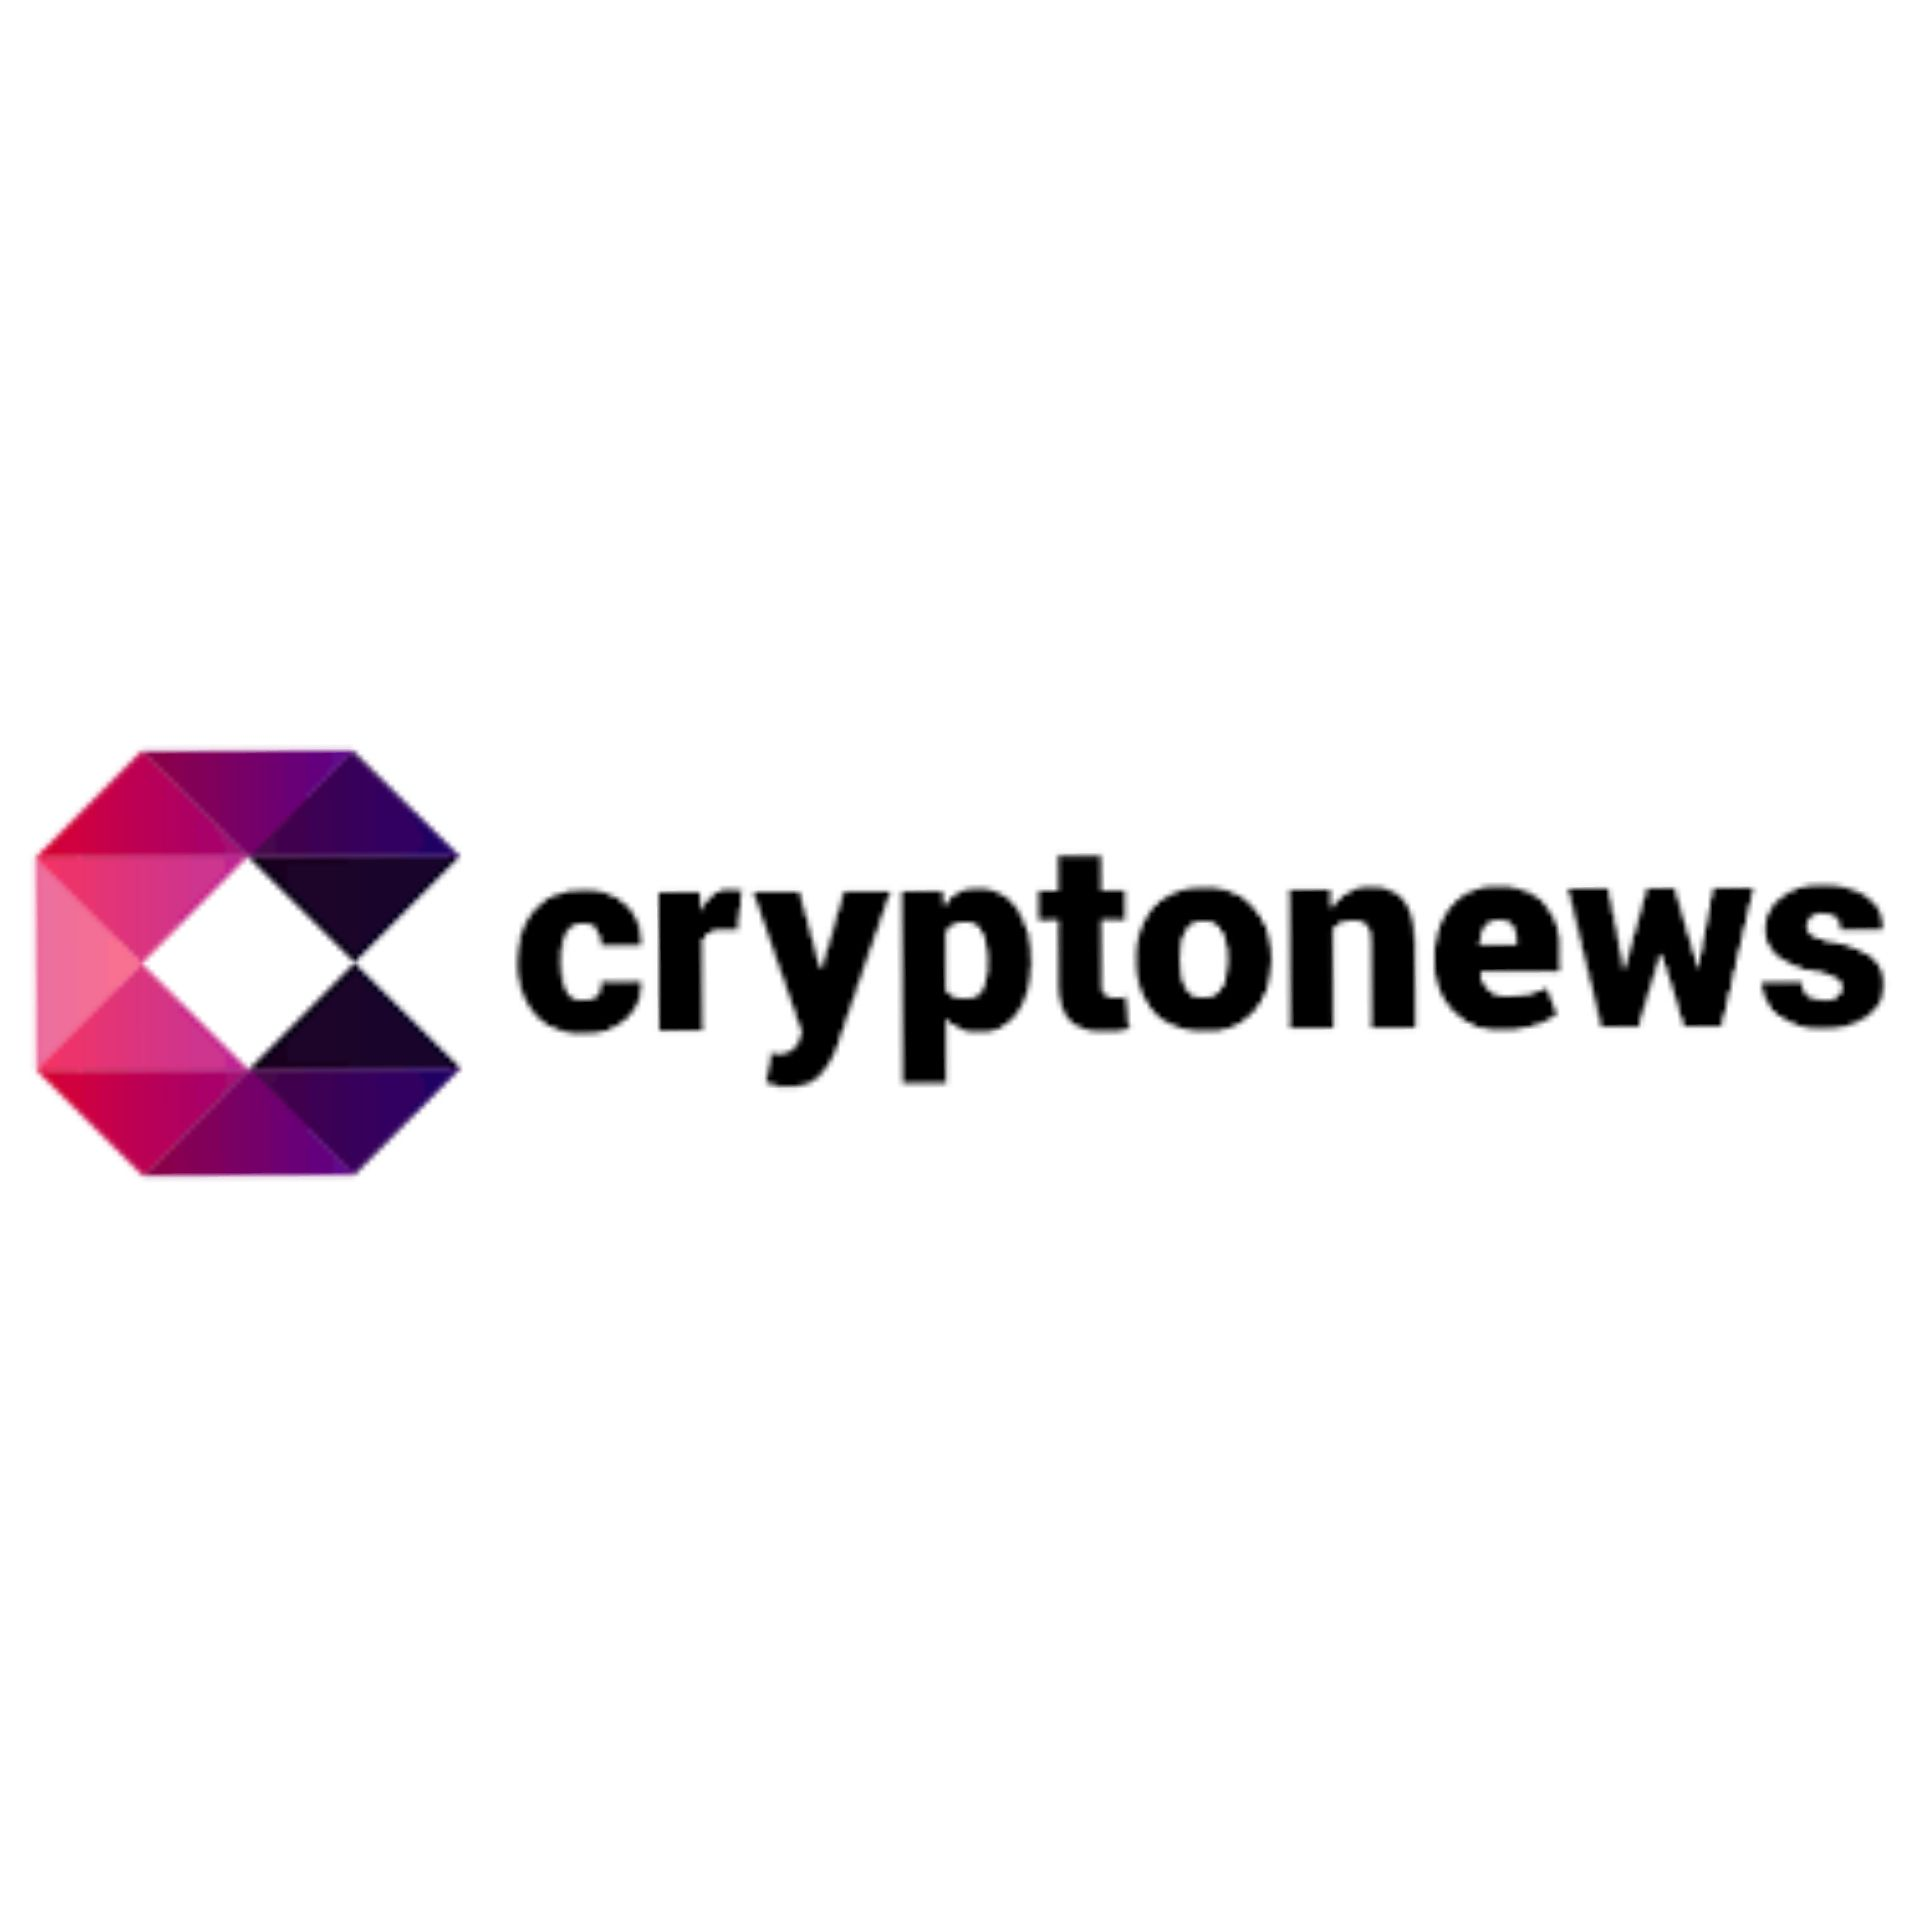 cryptonews_resized.jpeg